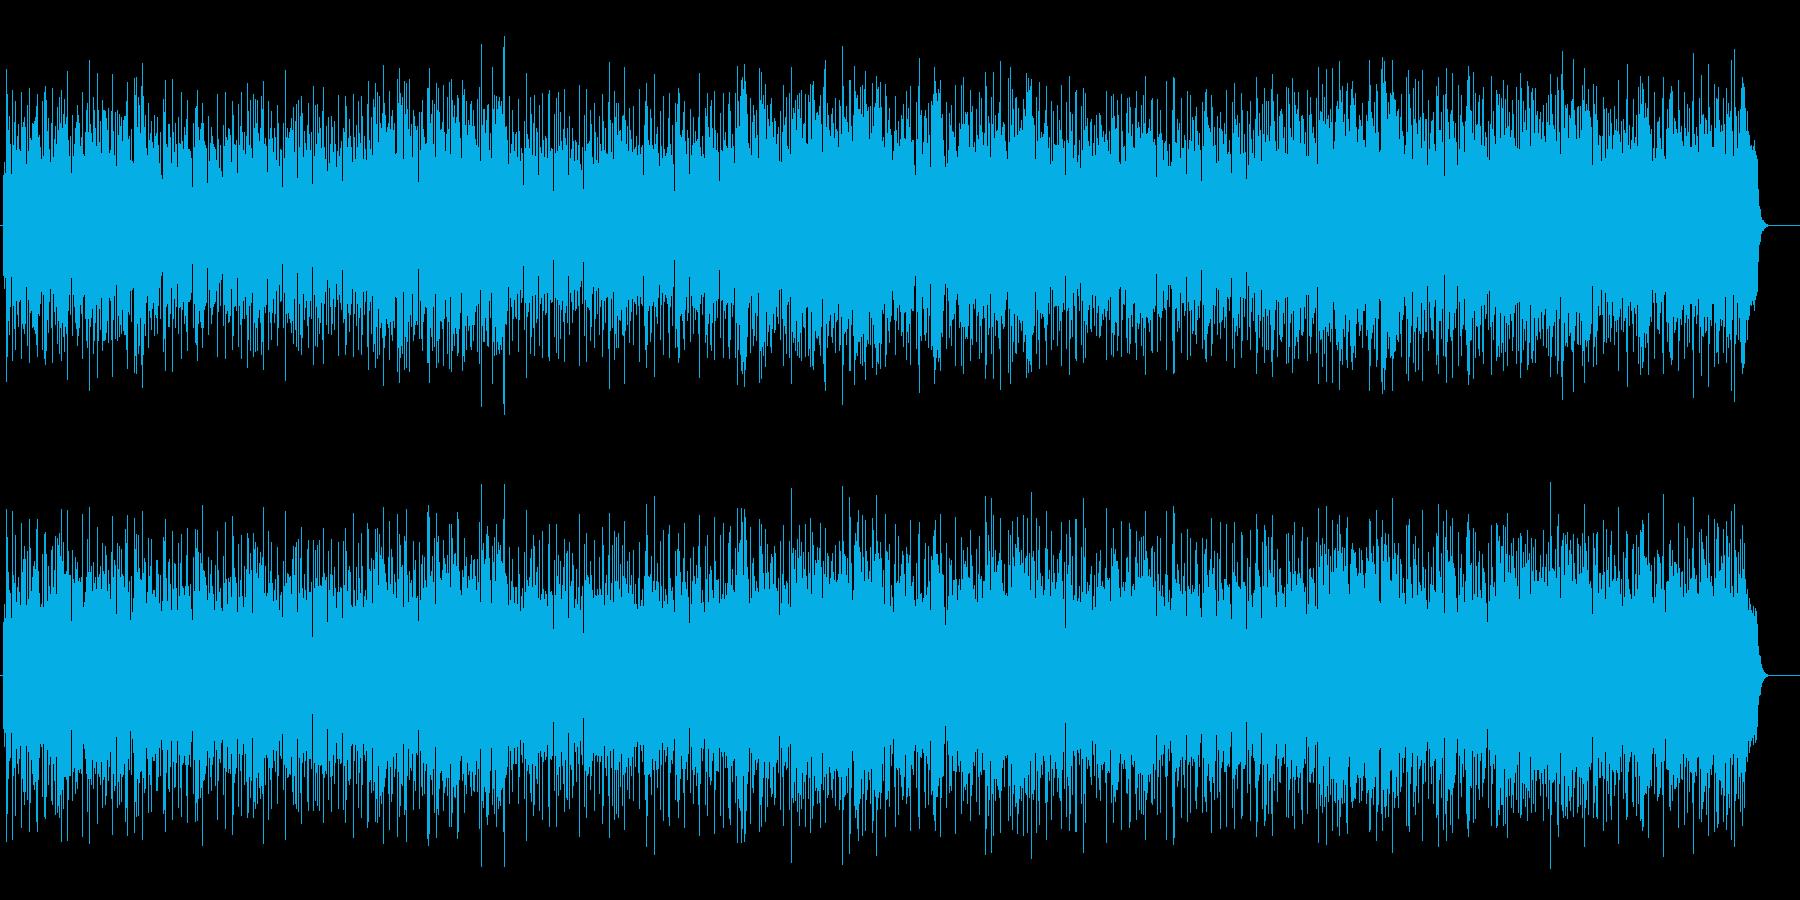 夜のピアノフュージョン(フルサイズ)の再生済みの波形